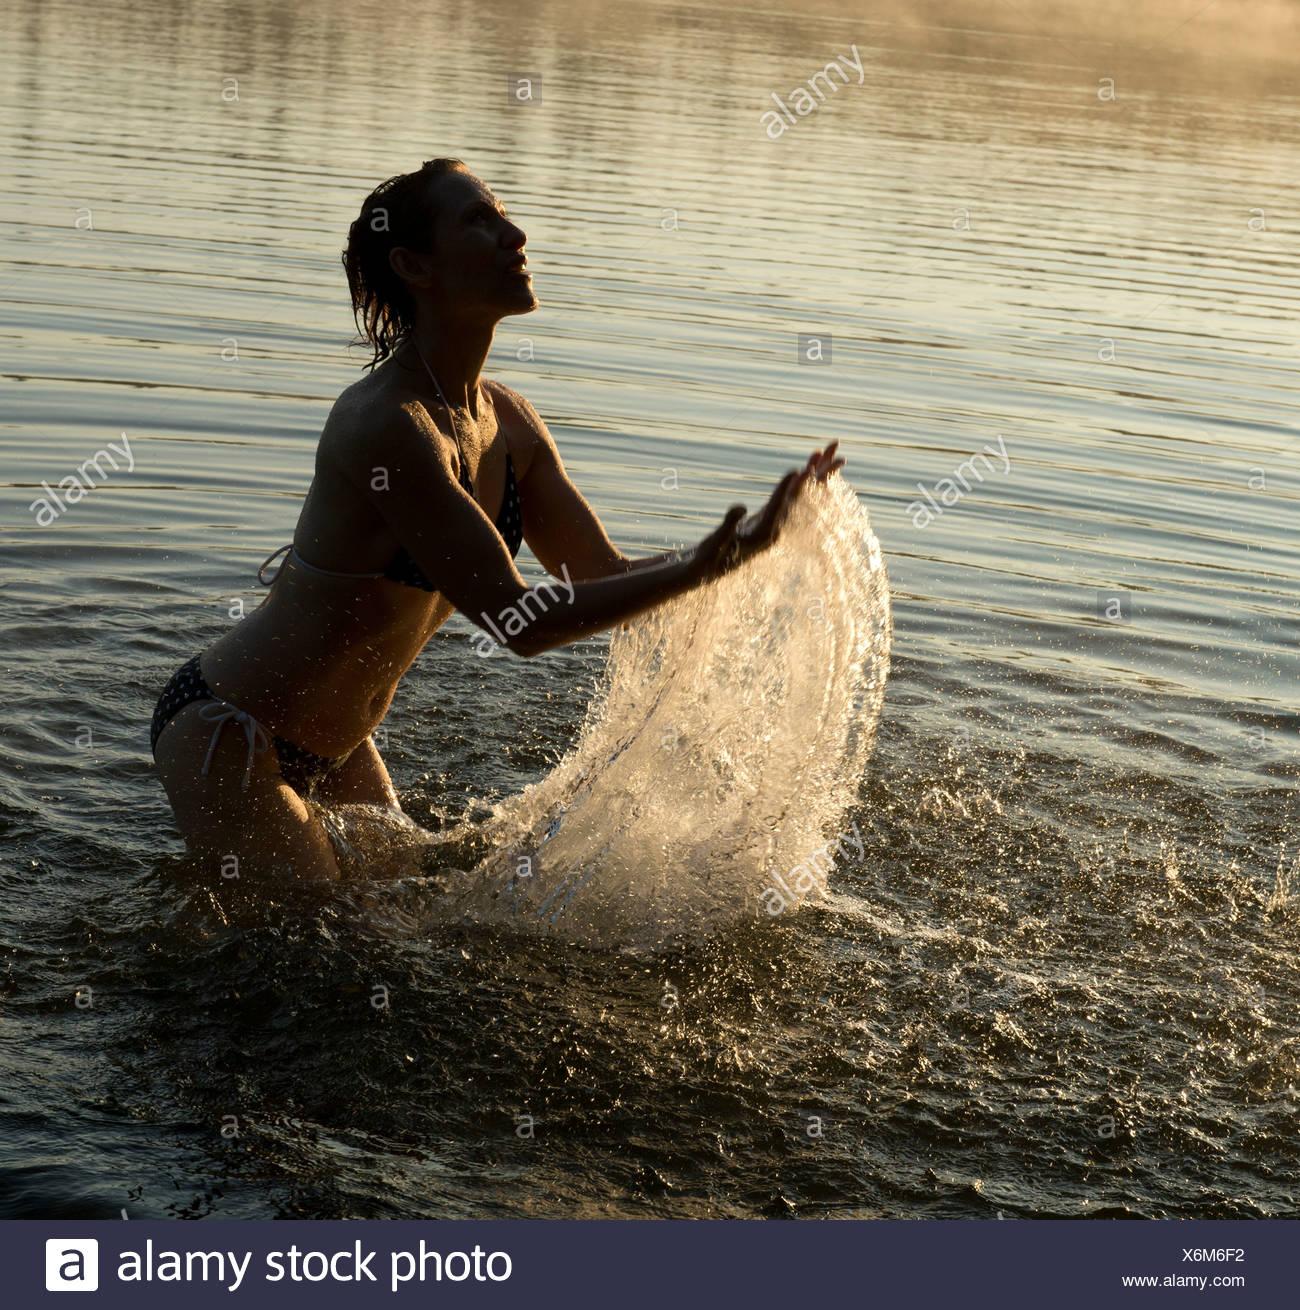 Woman splashing in water of lake - Stock Image